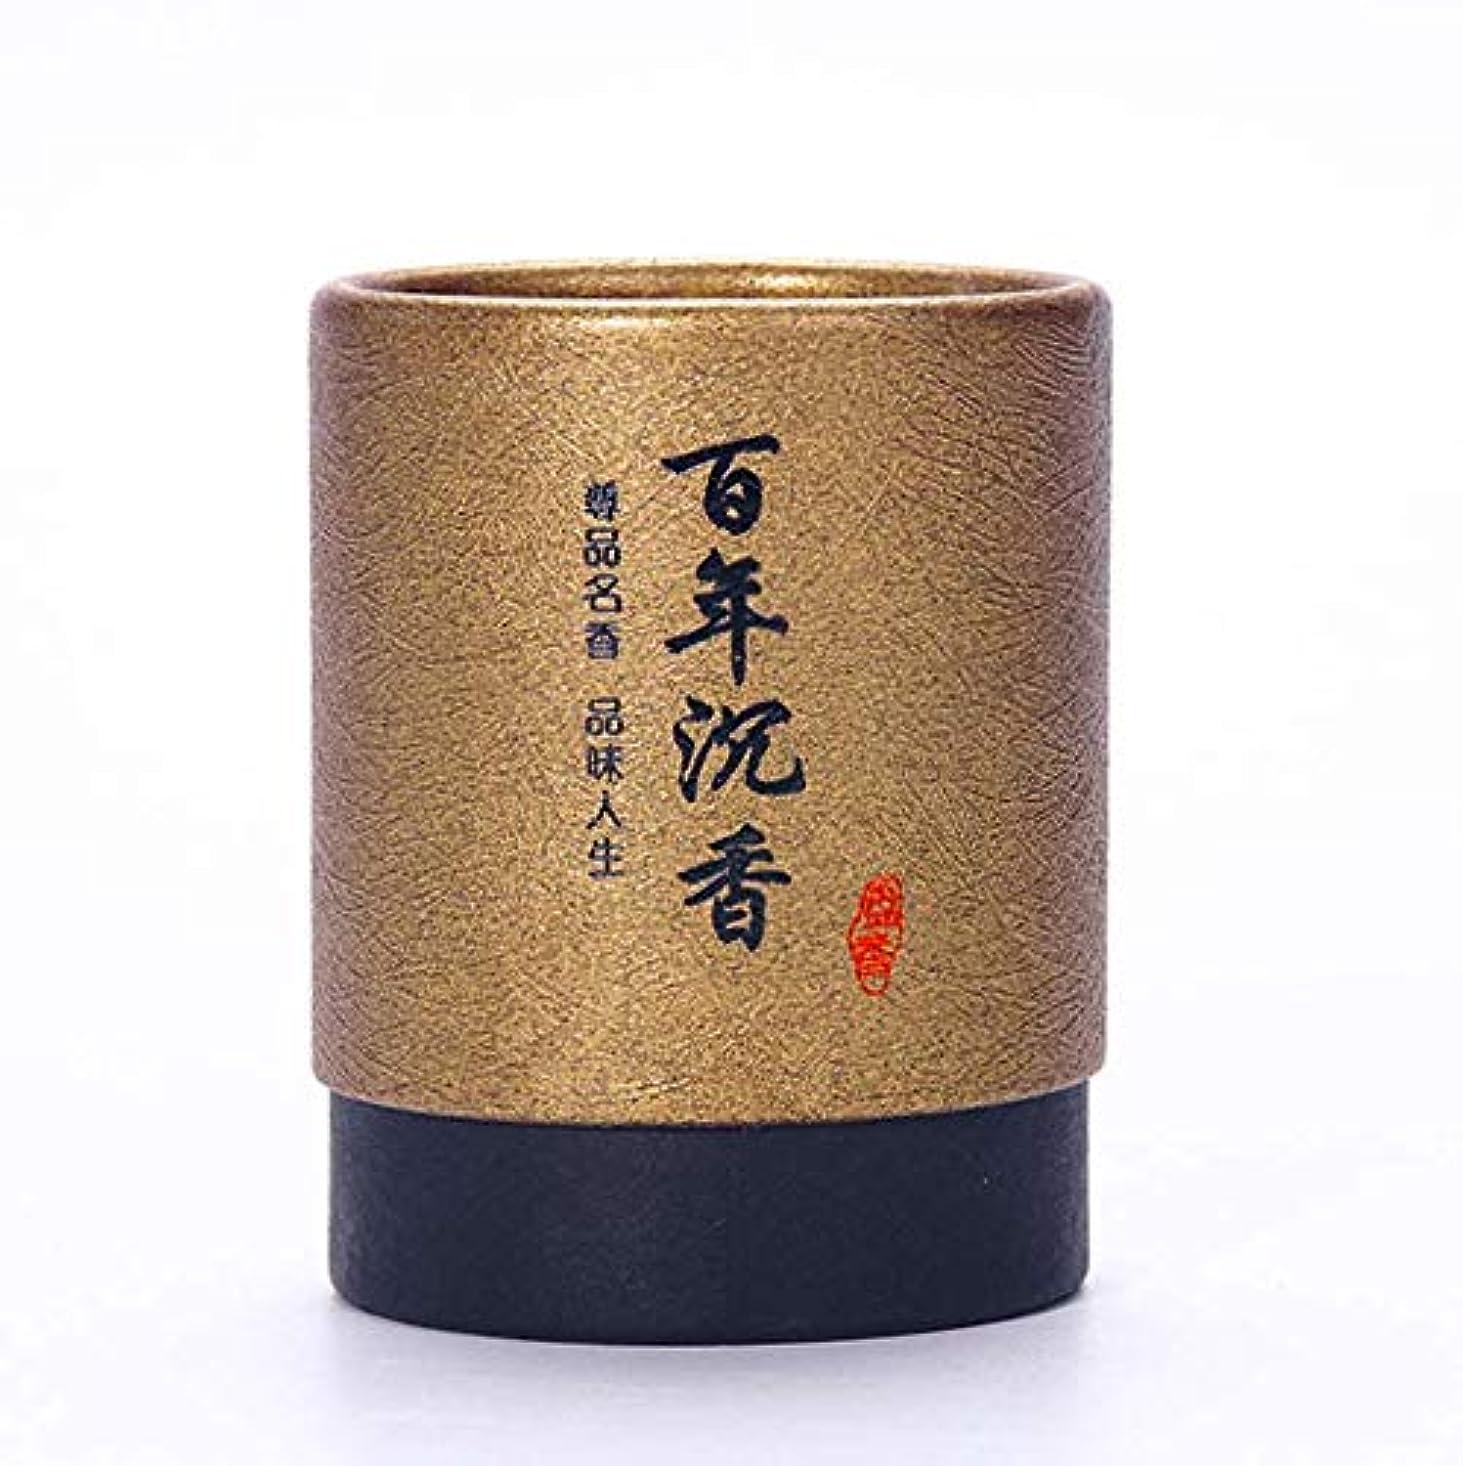 崖うがい薬節約するHwaGui お香 2時間 盤香 渦巻き線香 優しい香り 48巻入 沉香(百年沈香)